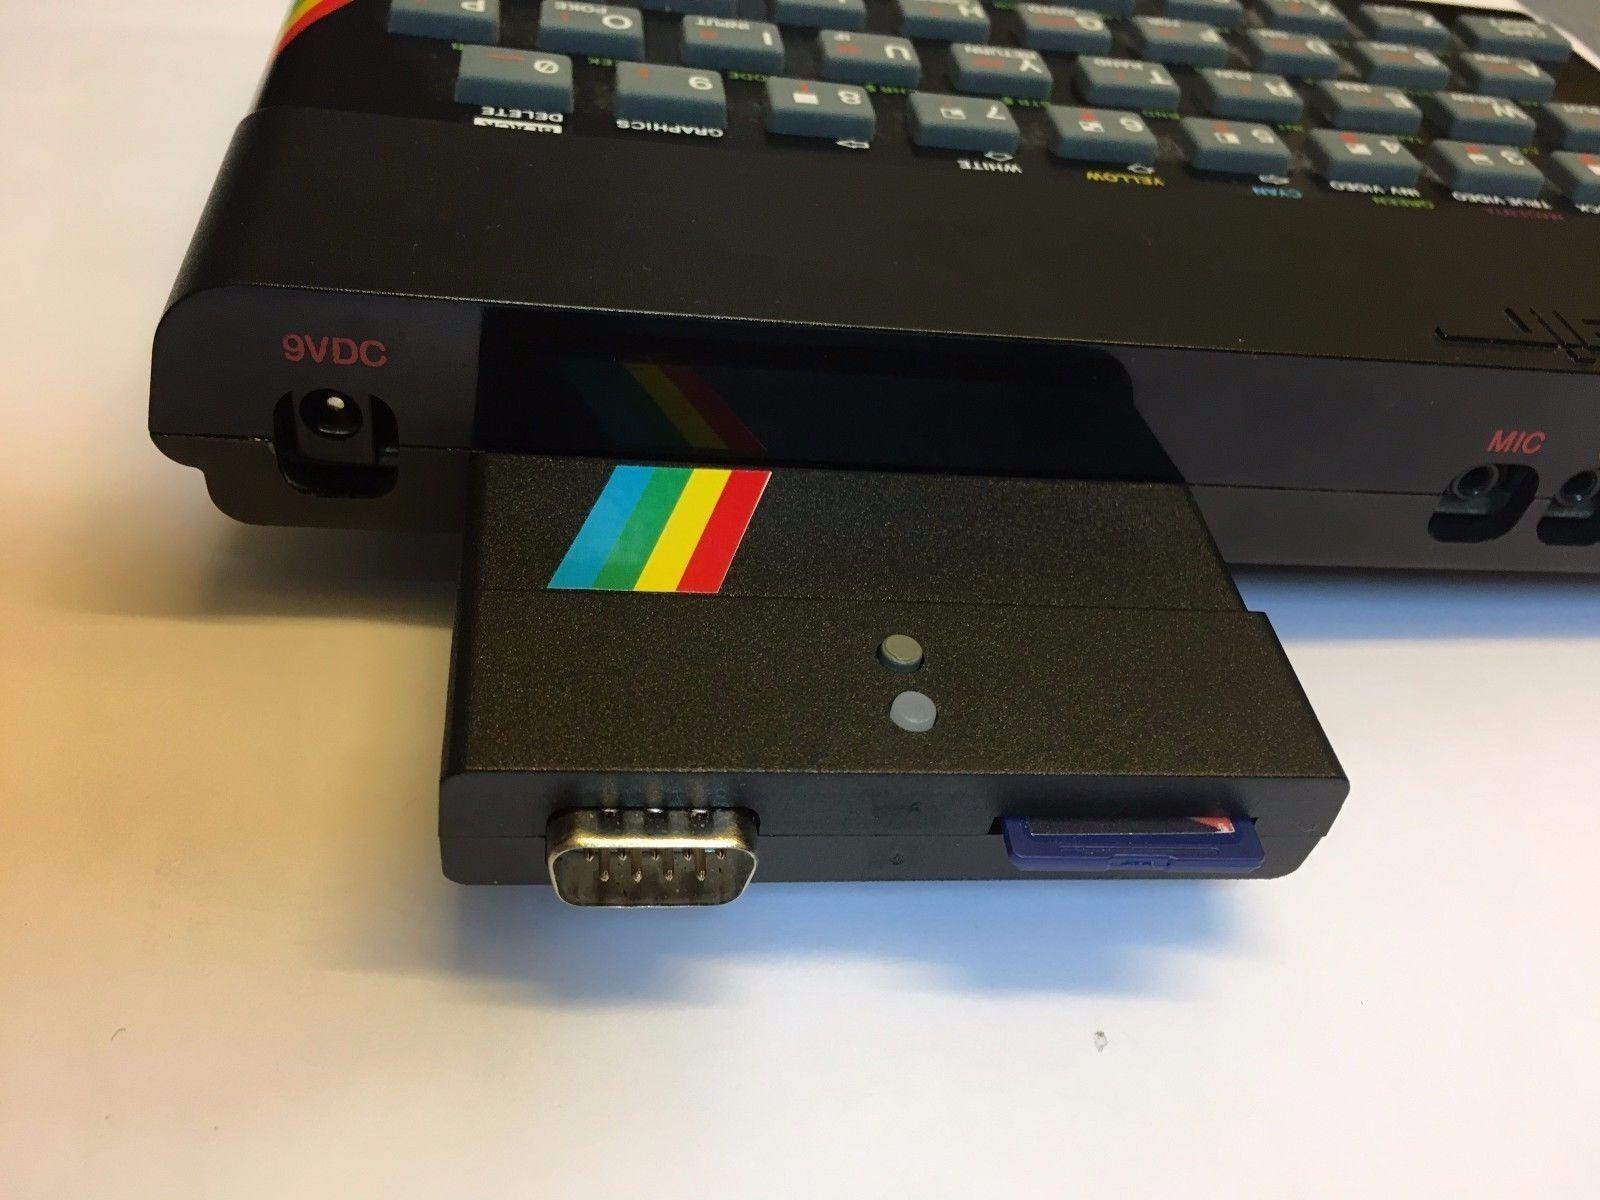  divMMC Future - JUMPERLESS SD Card Interface Sinc…